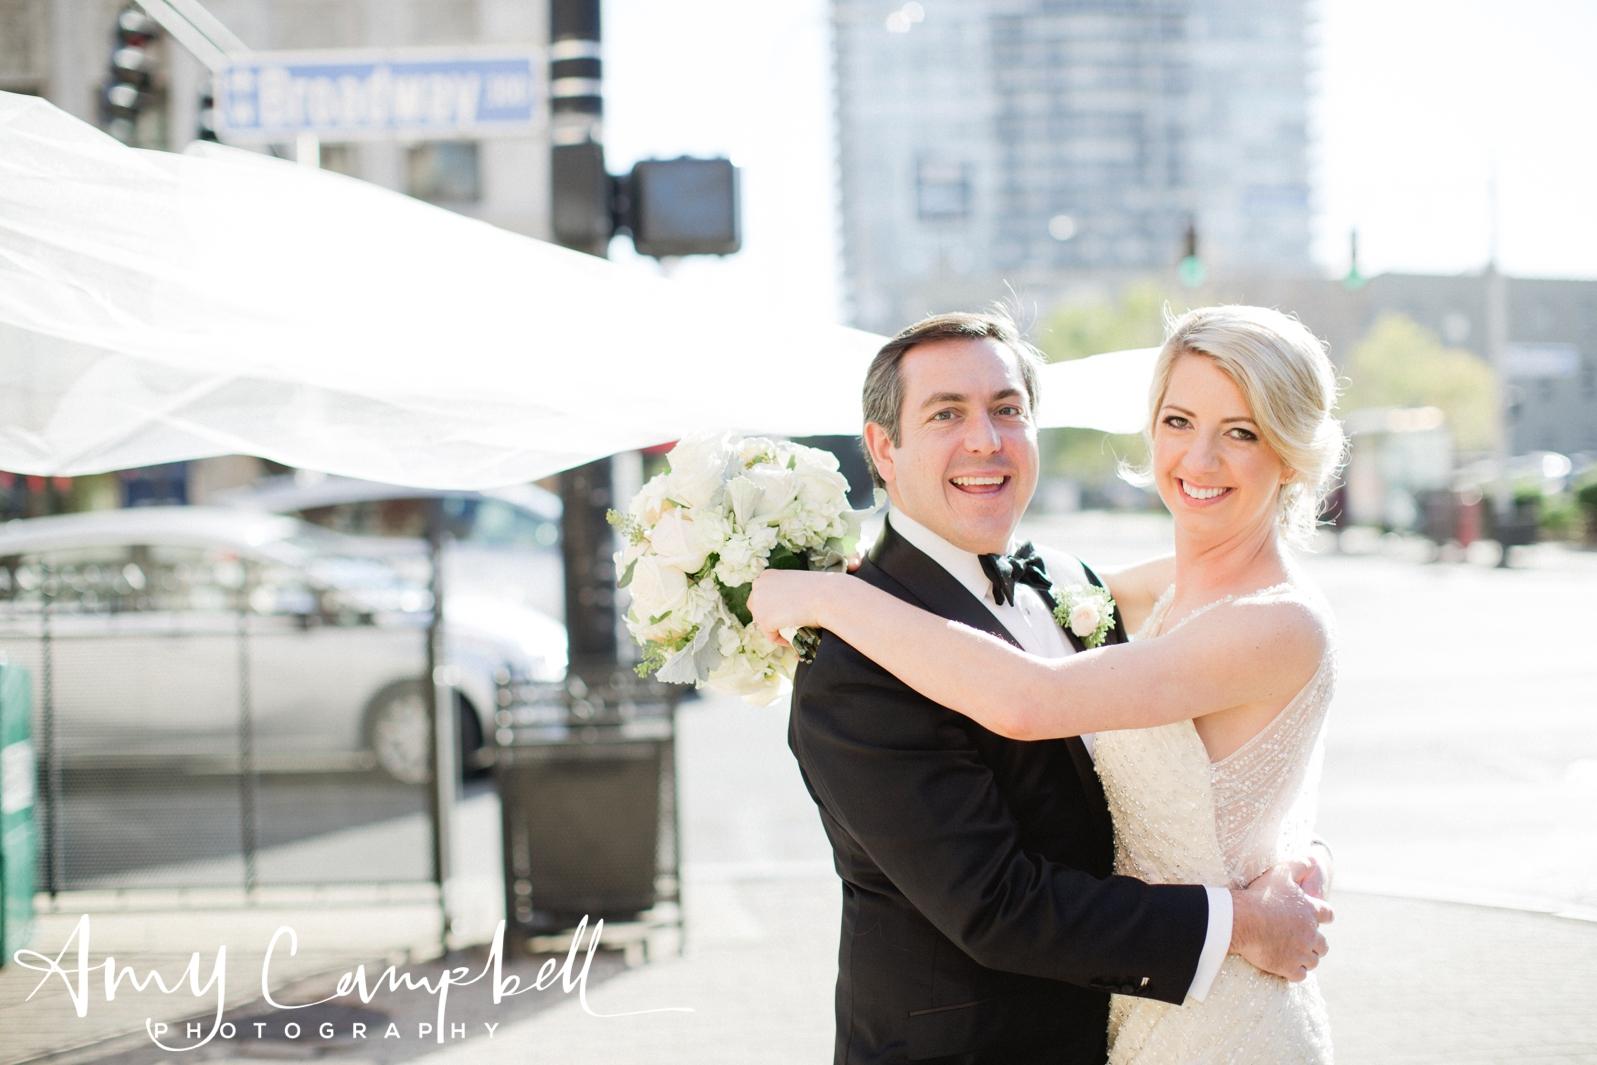 emmakyle_wedding_fb_amycampbellphotography_0023.jpg